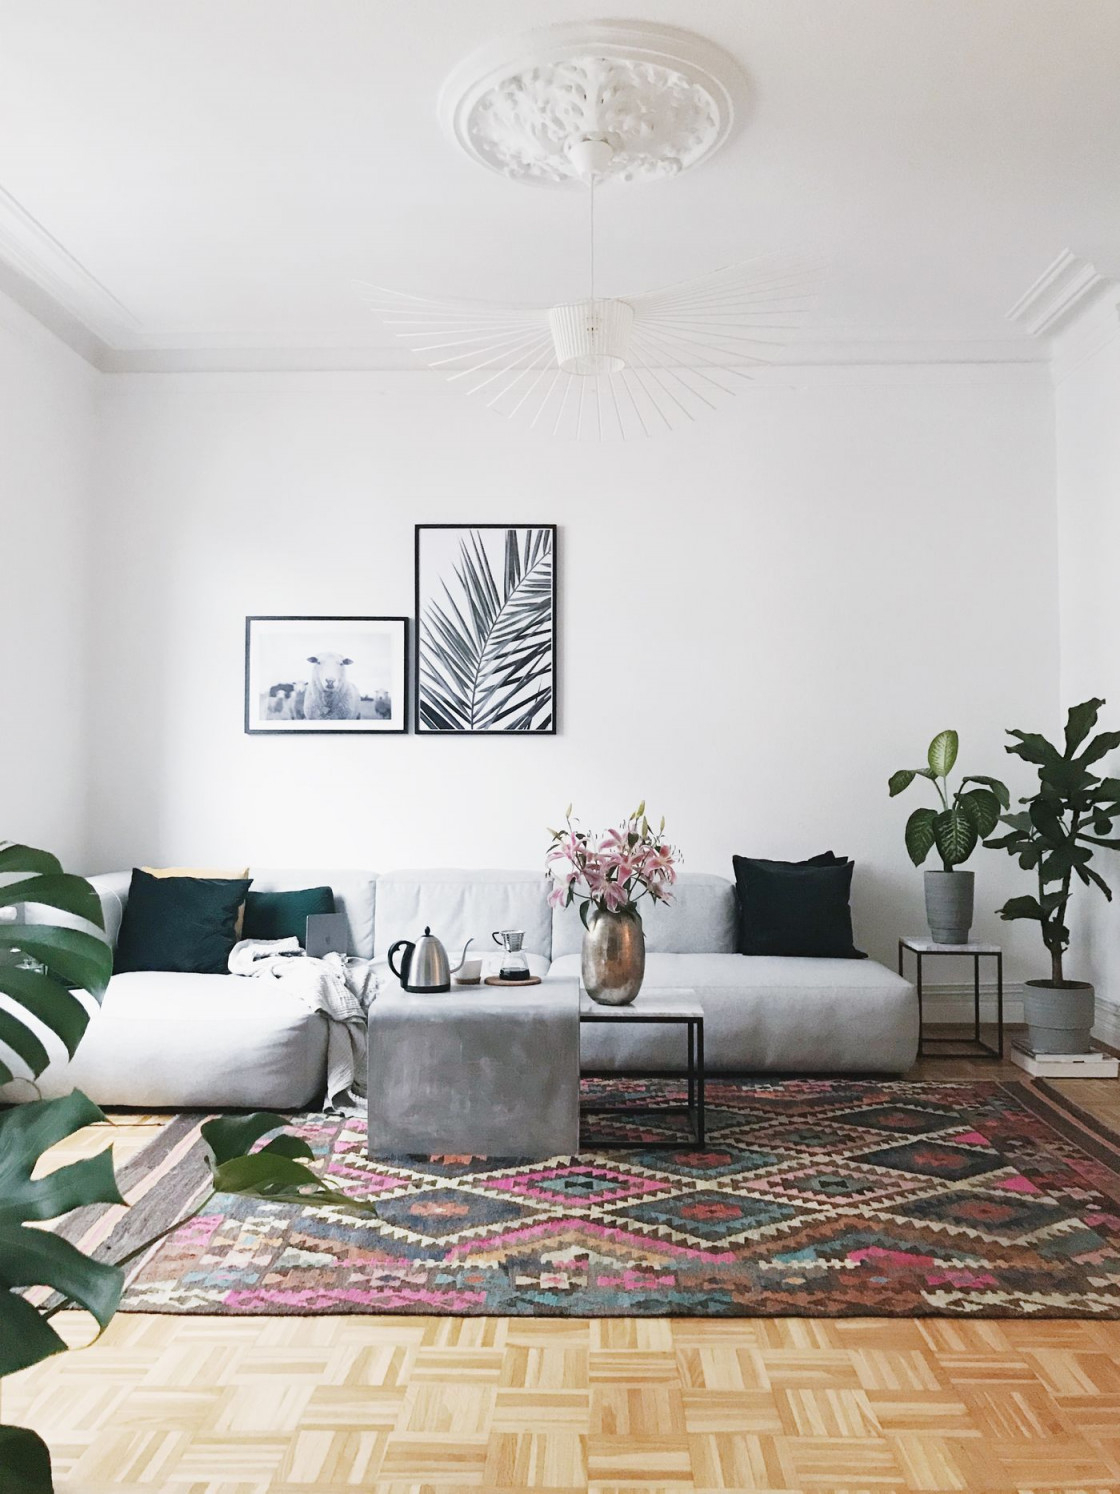 Die Schönsten Wohnzimmer Deko Ideen von Wohnzimmer Ecke Deko Bild